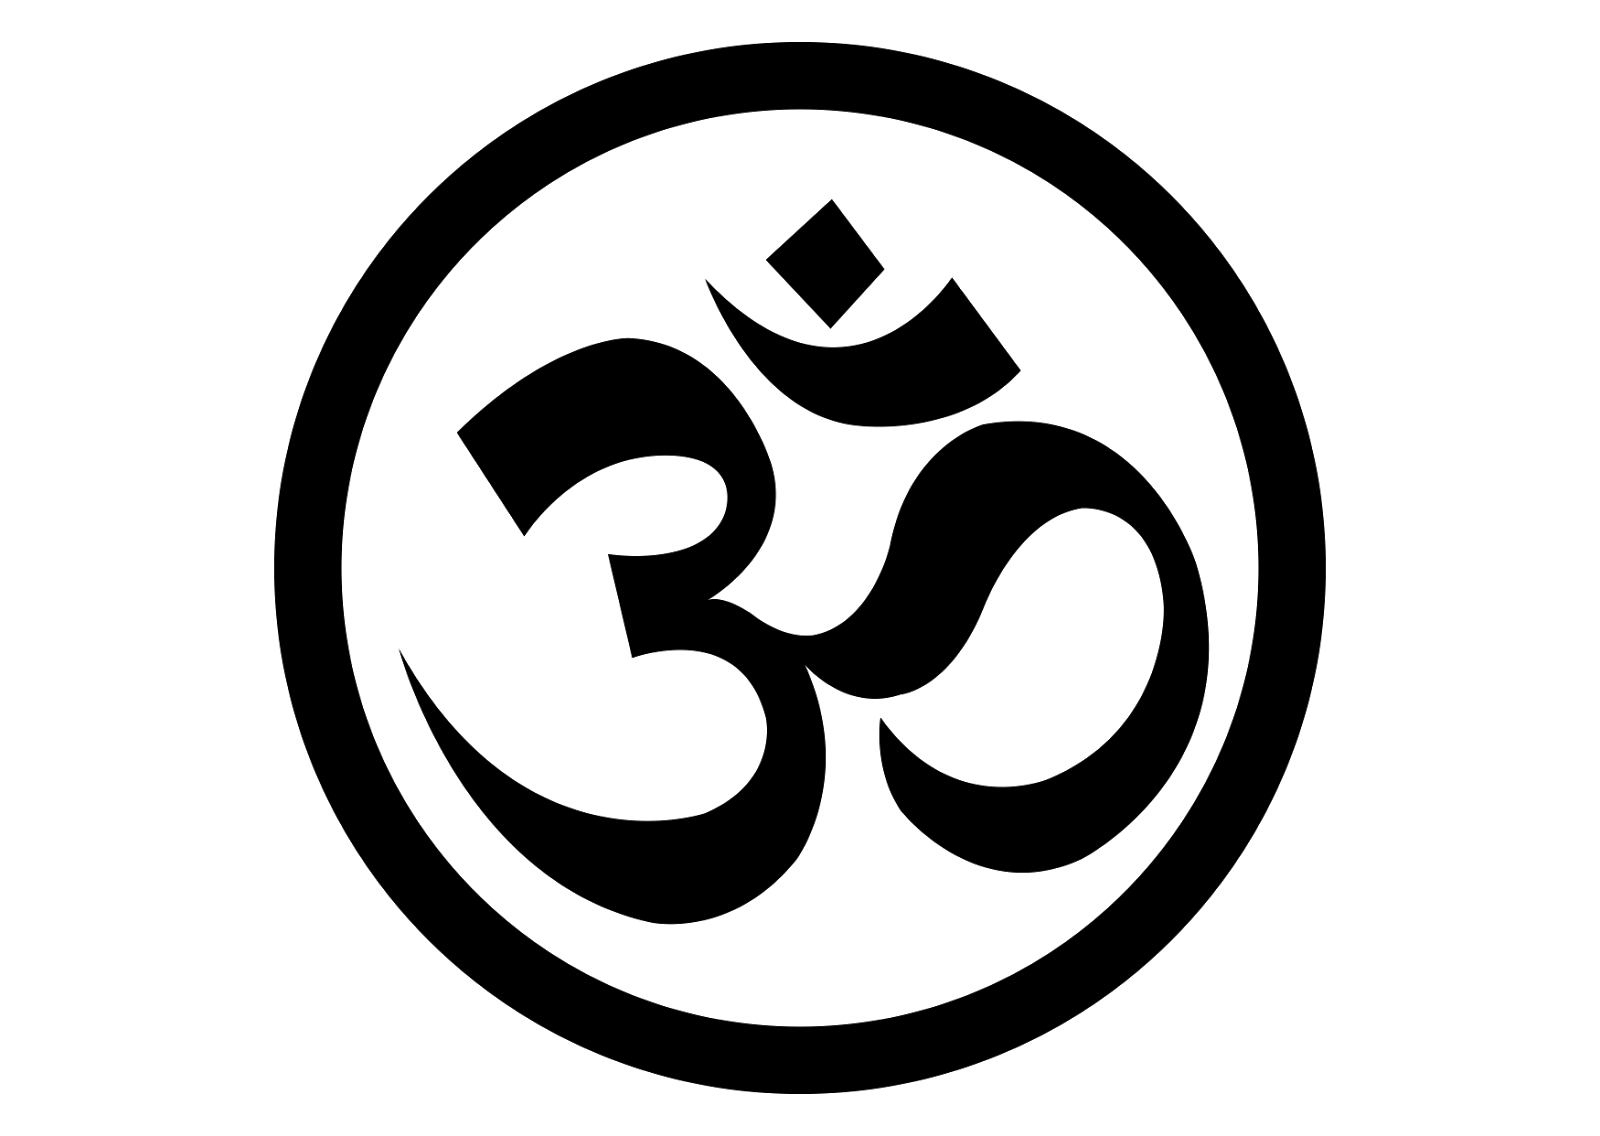 Om yoga logo vector format cdr ai eps svg pdf png Om symbol images